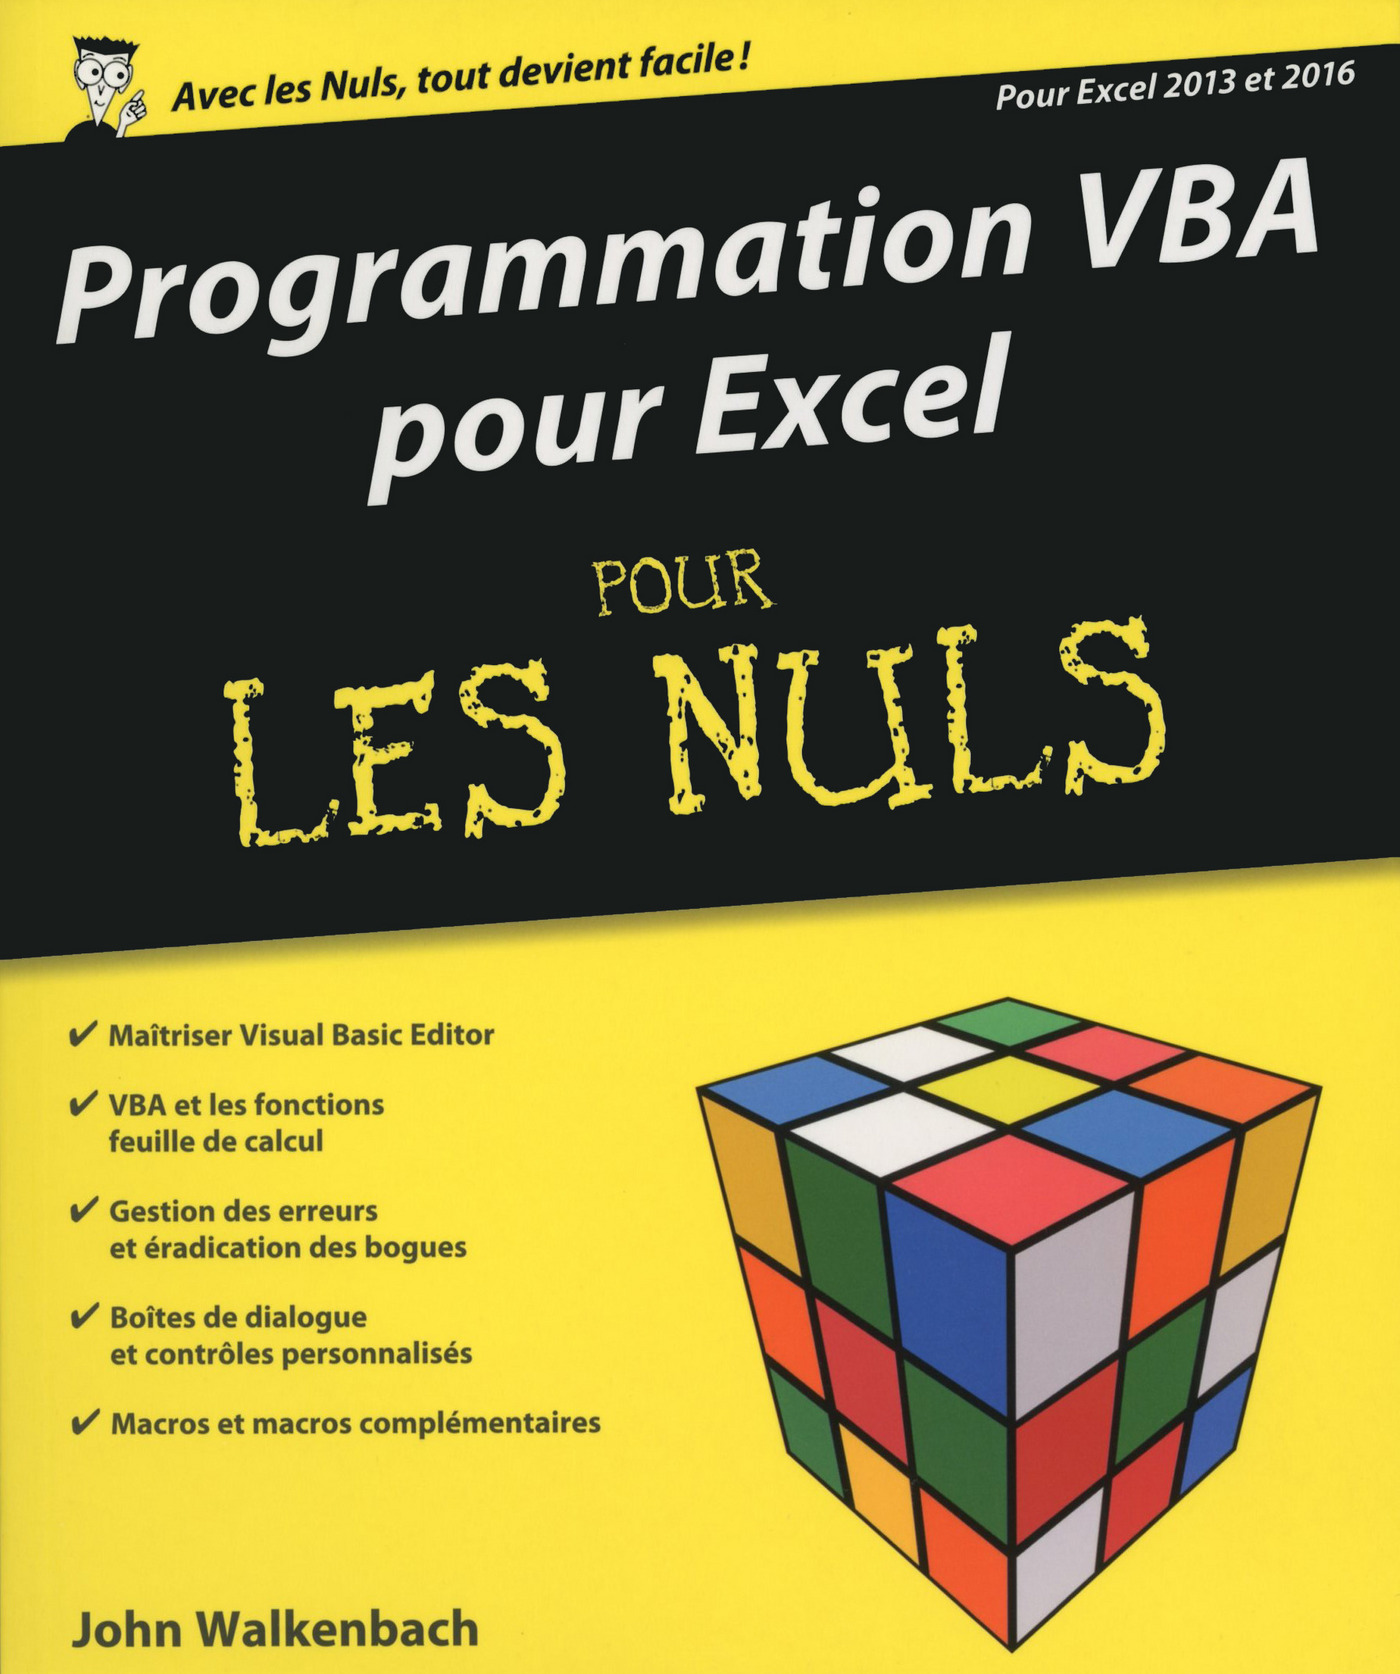 Programmation VBA pour Excel 2013 et 2016 pour les Nuls